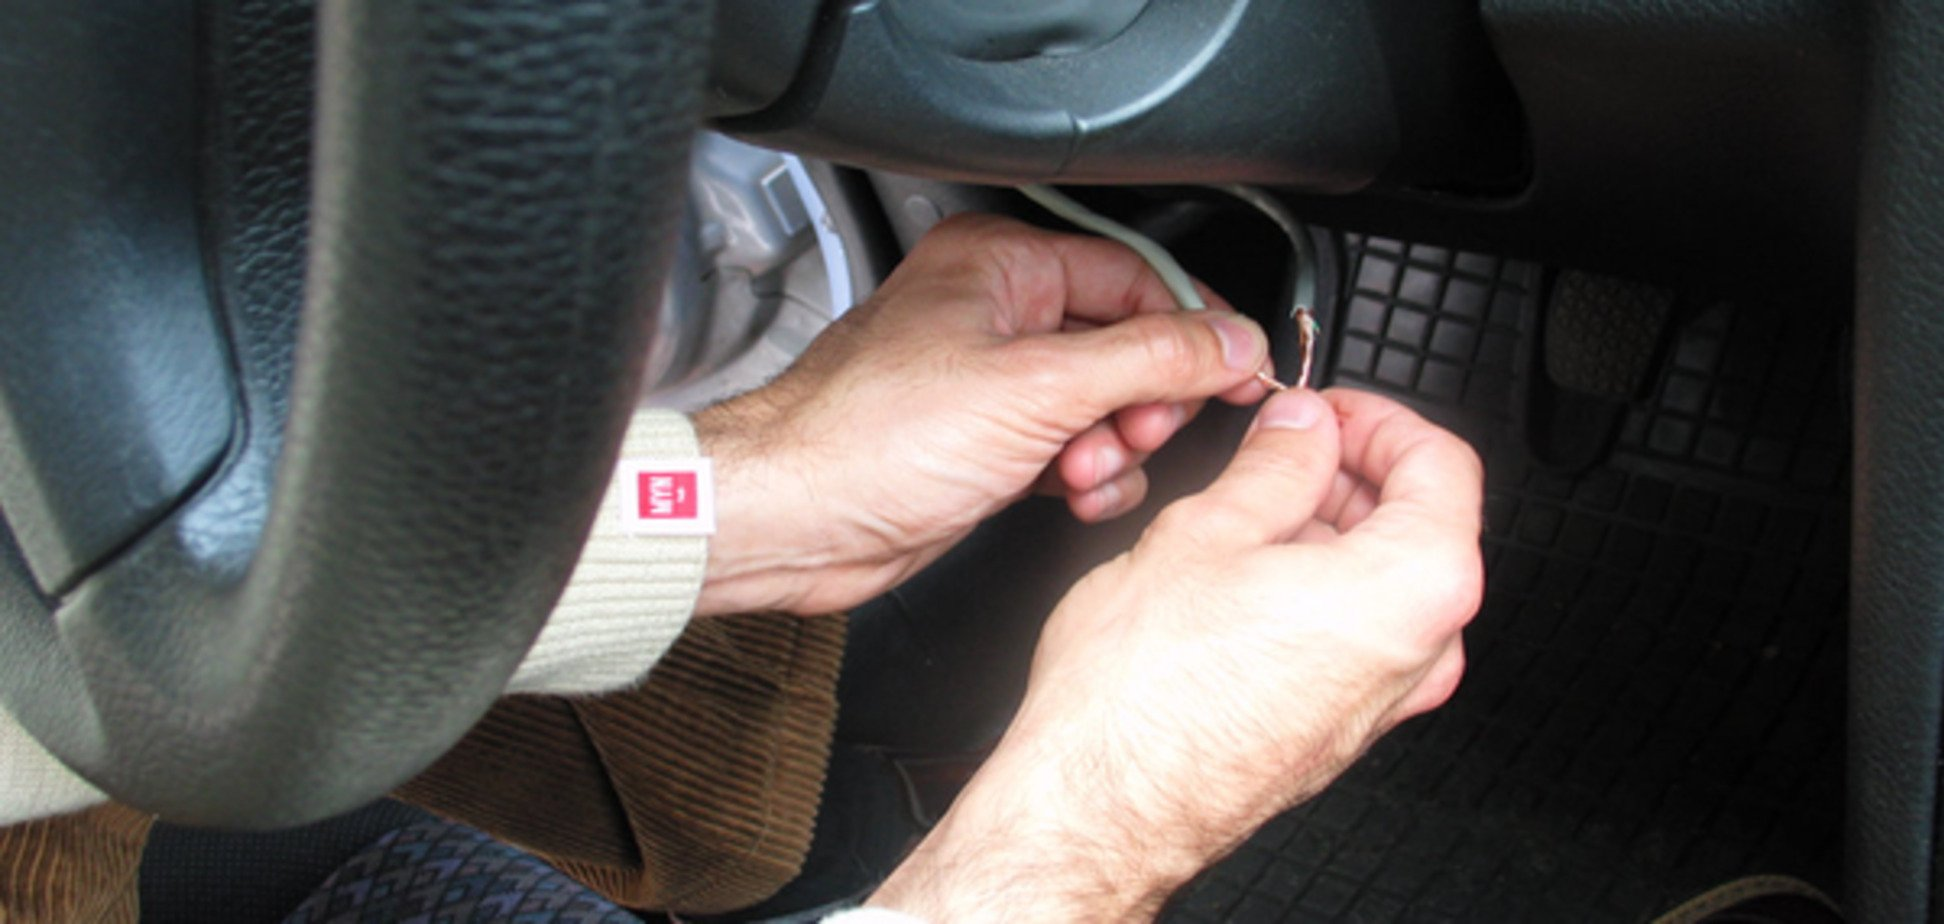 Бережися, водій: де і як найчастіше викрадають автомобілі